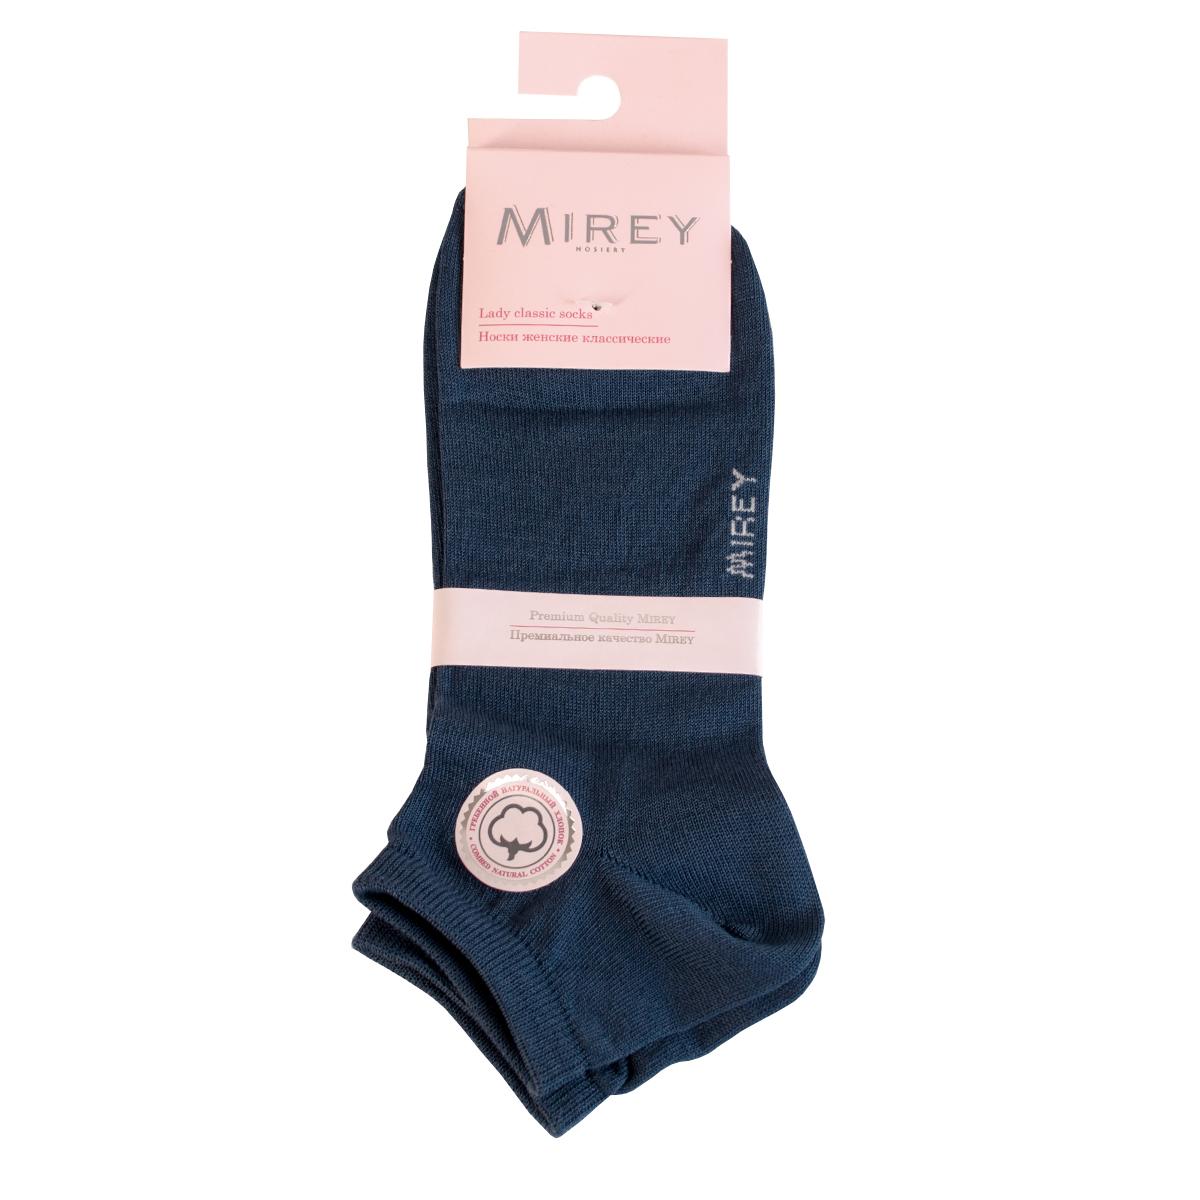 Носки женские Mirey, цвет: синий. MSC 009. Размер (35/37)MSC 009Короткие женские носки от Mirey выполнены из мерсеризованного хлопка.Усиленный мысок и пятка, двойная резинка, плоский шов.